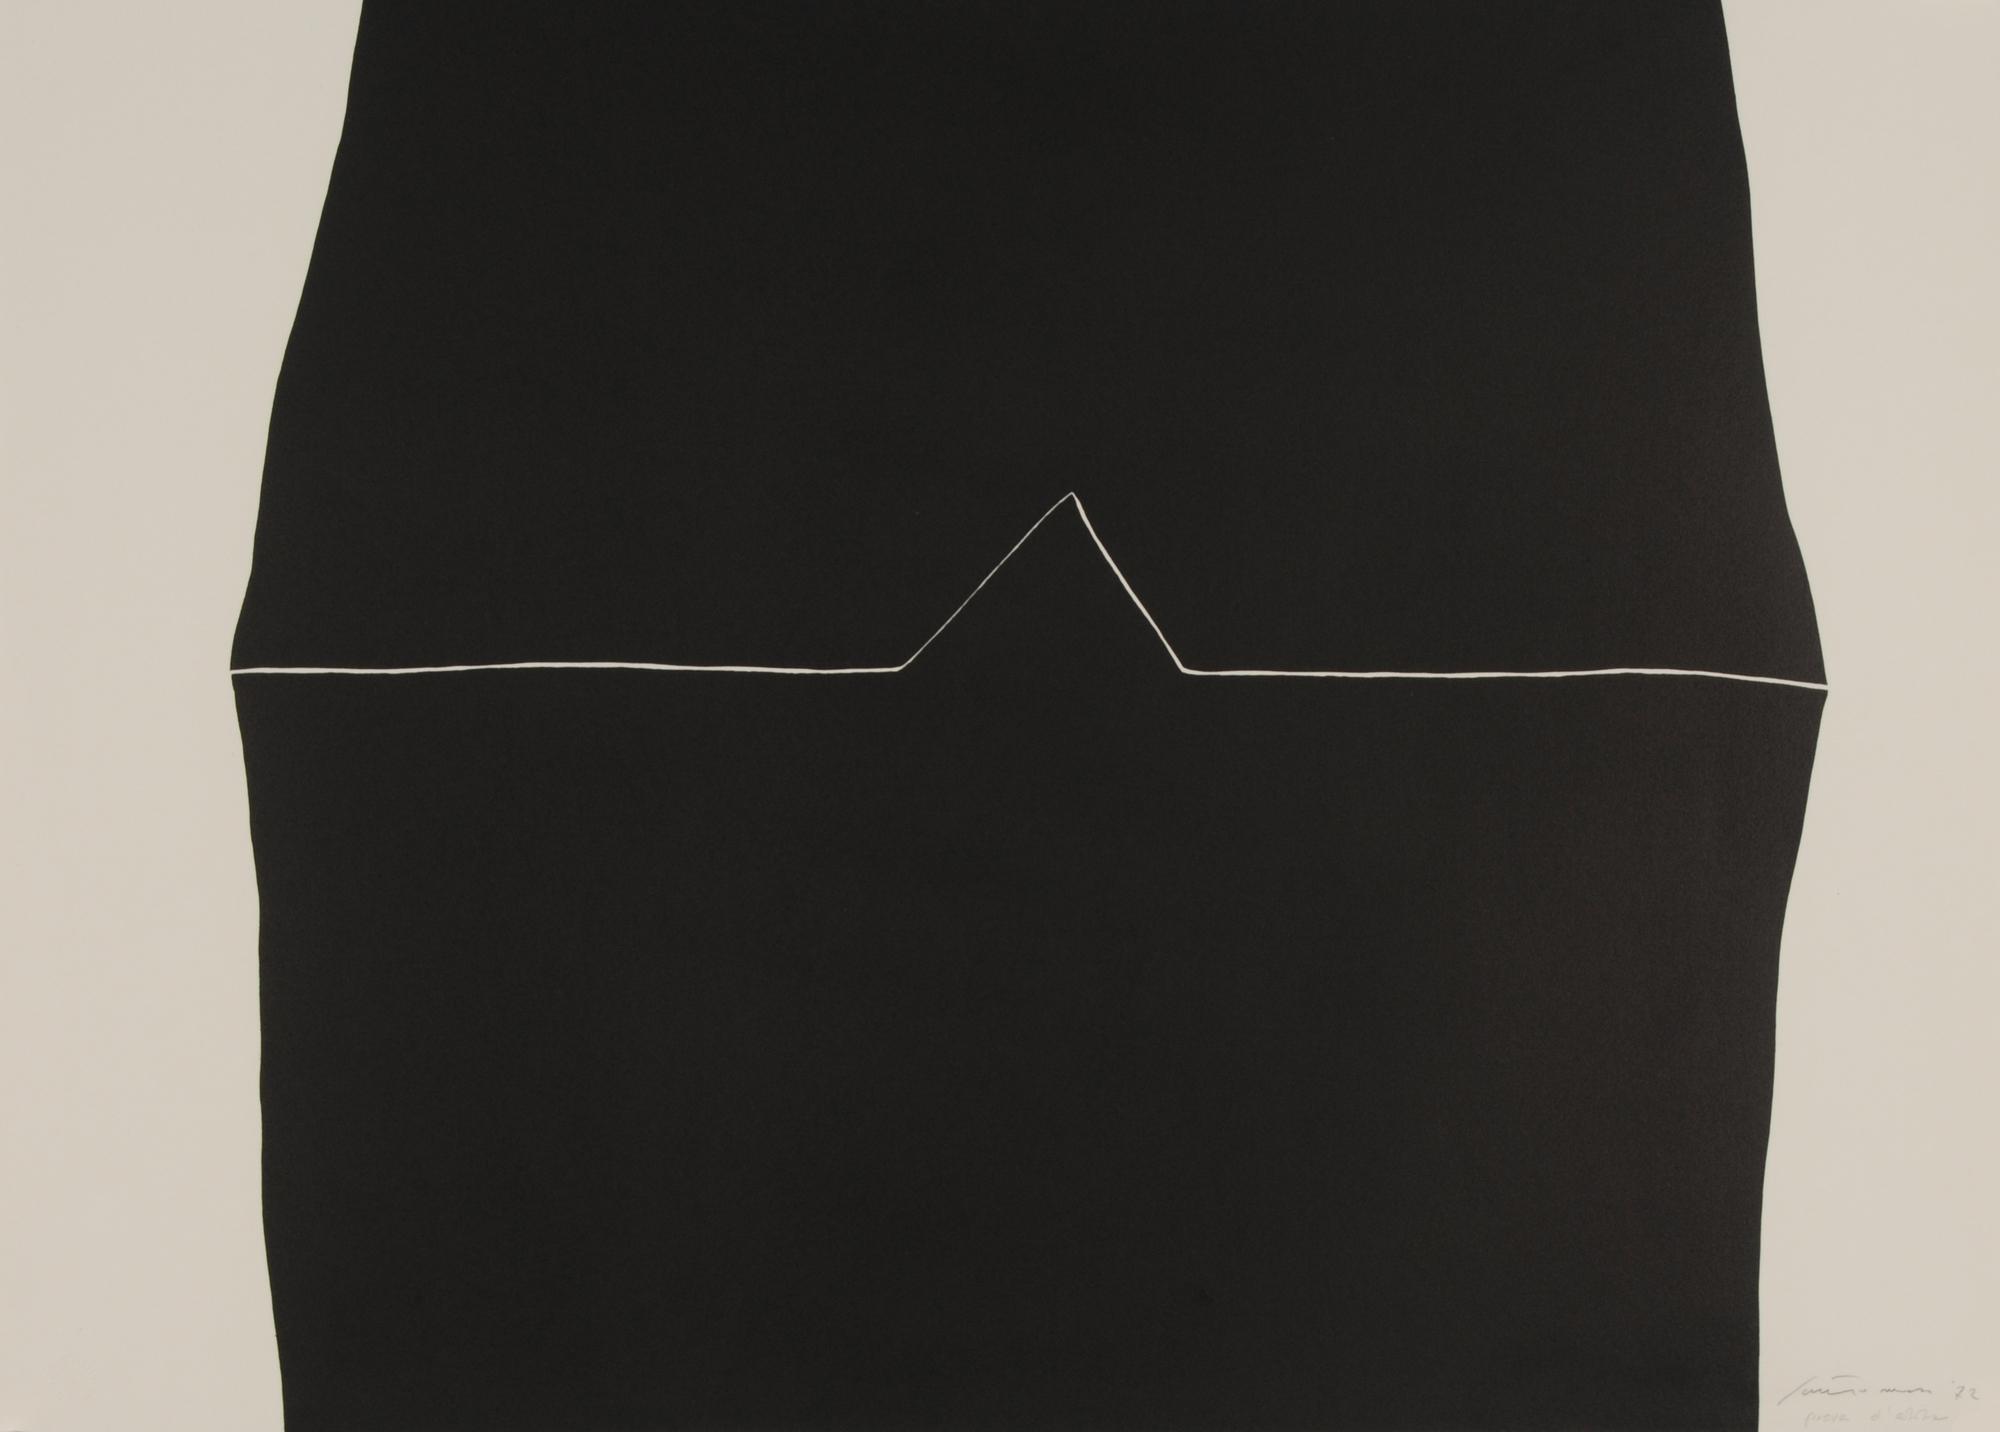 Santomaso Giuseppe, 7 sheets: Rosso agli angolti, 1971; Dall alto al Basso, 1972; Senza titolo, 1966; Senza titolo, 1970 (2); Senza titolo, 1972; Senza titolo